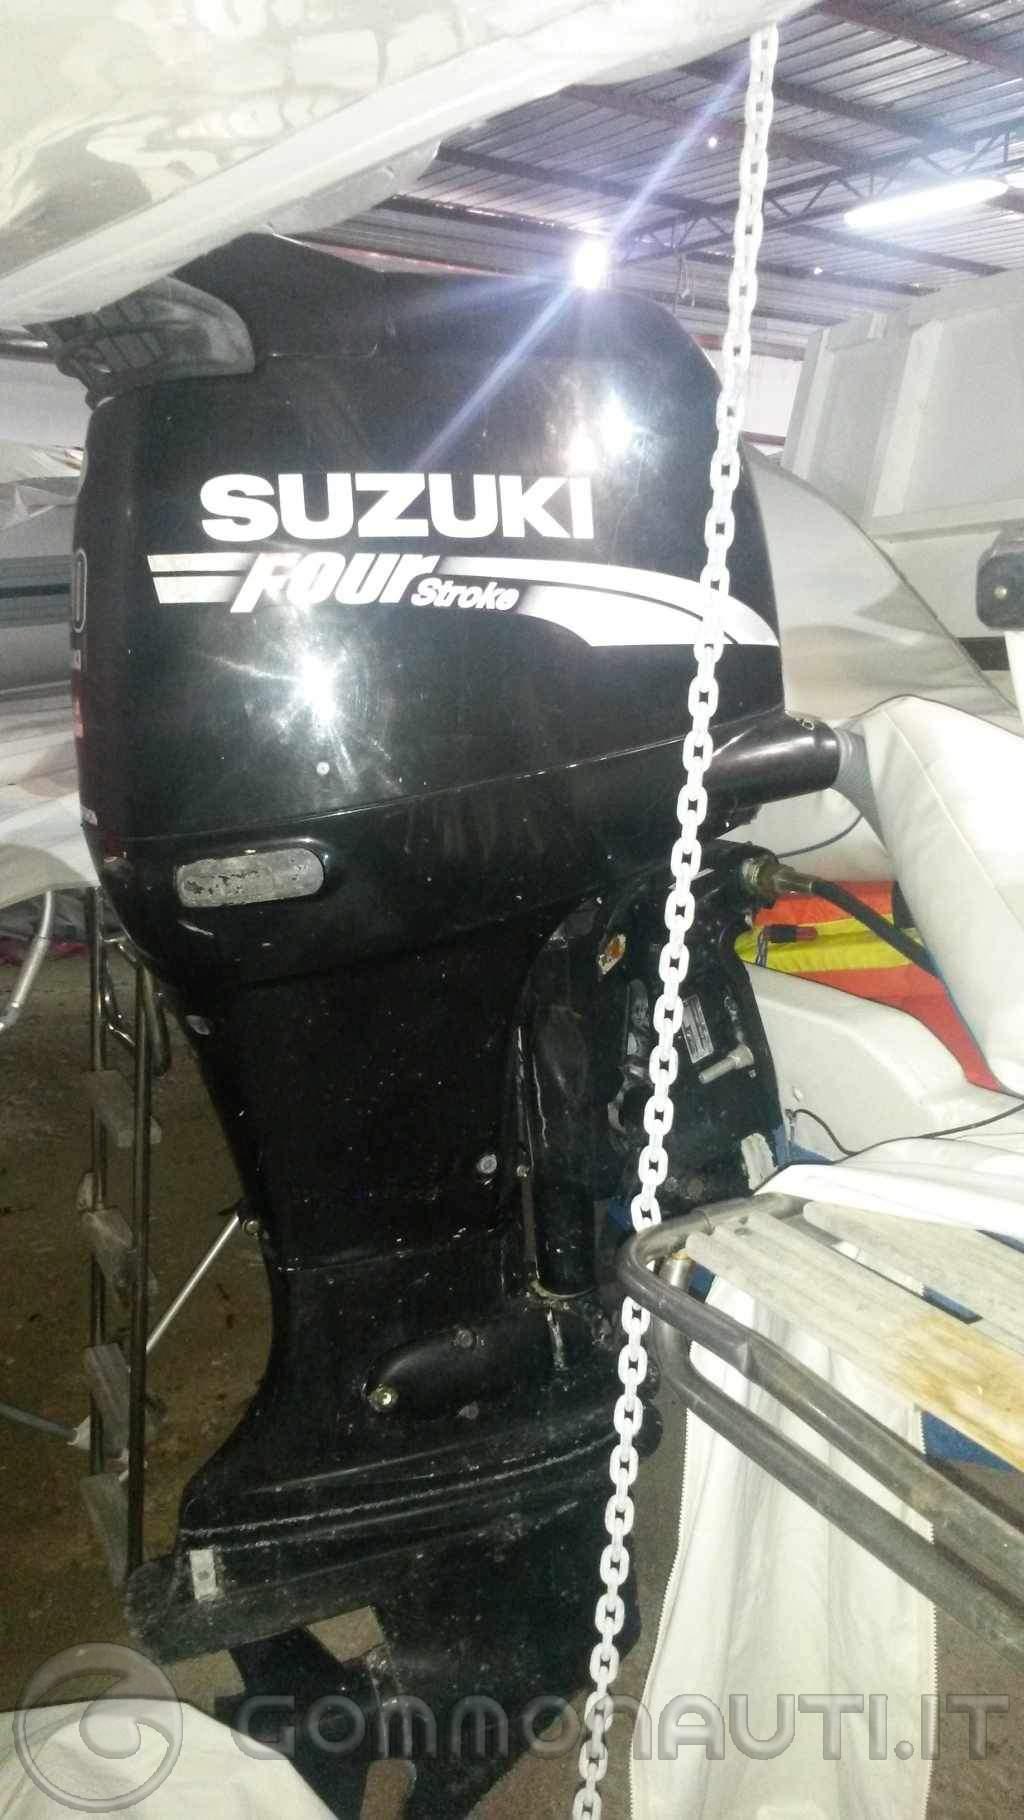 suzuki df 140 4t